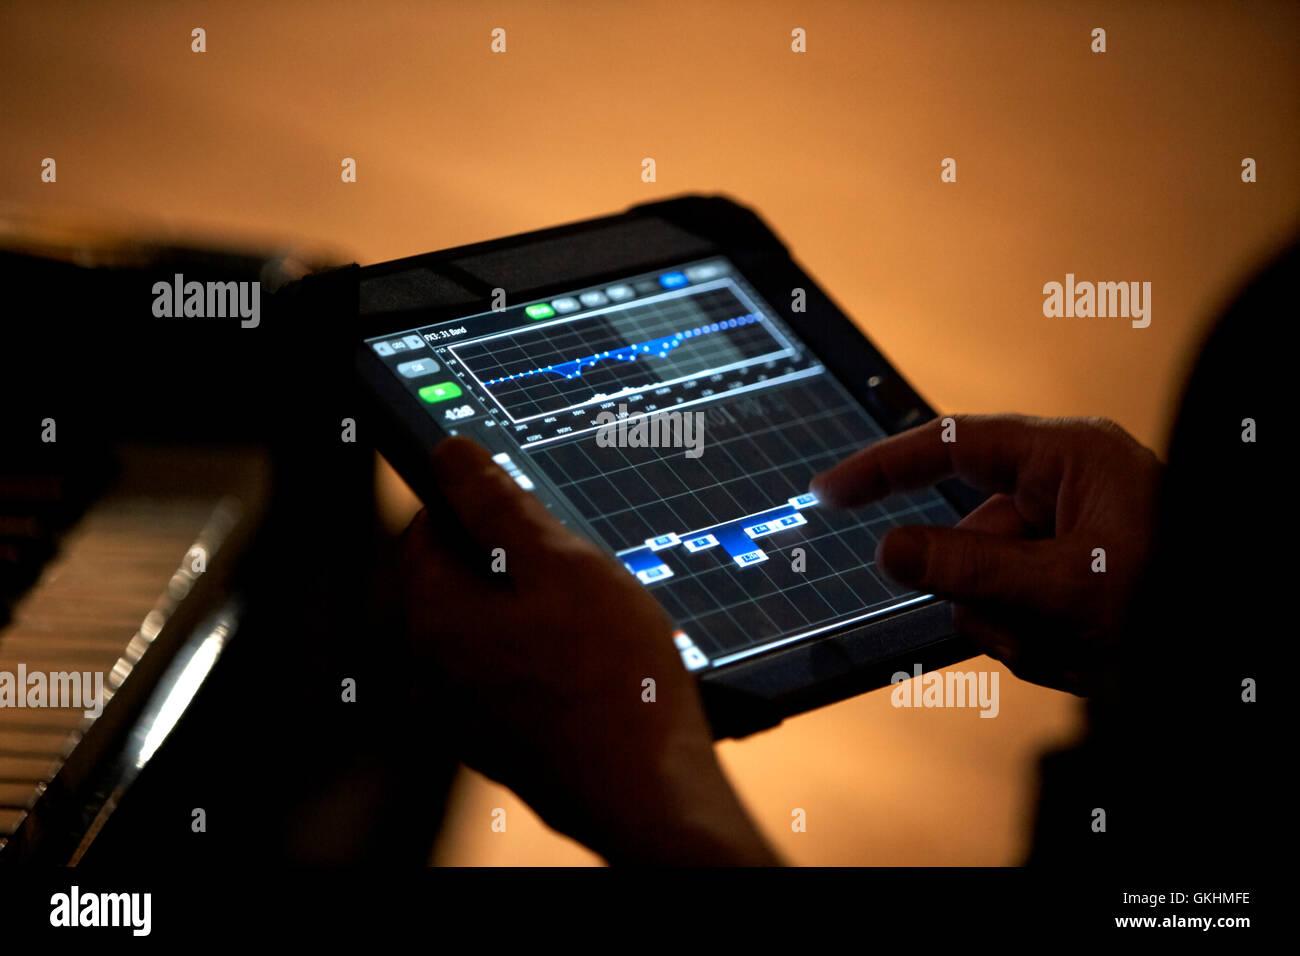 Accordeur de piano tuning piano using tablet computer Photo Stock